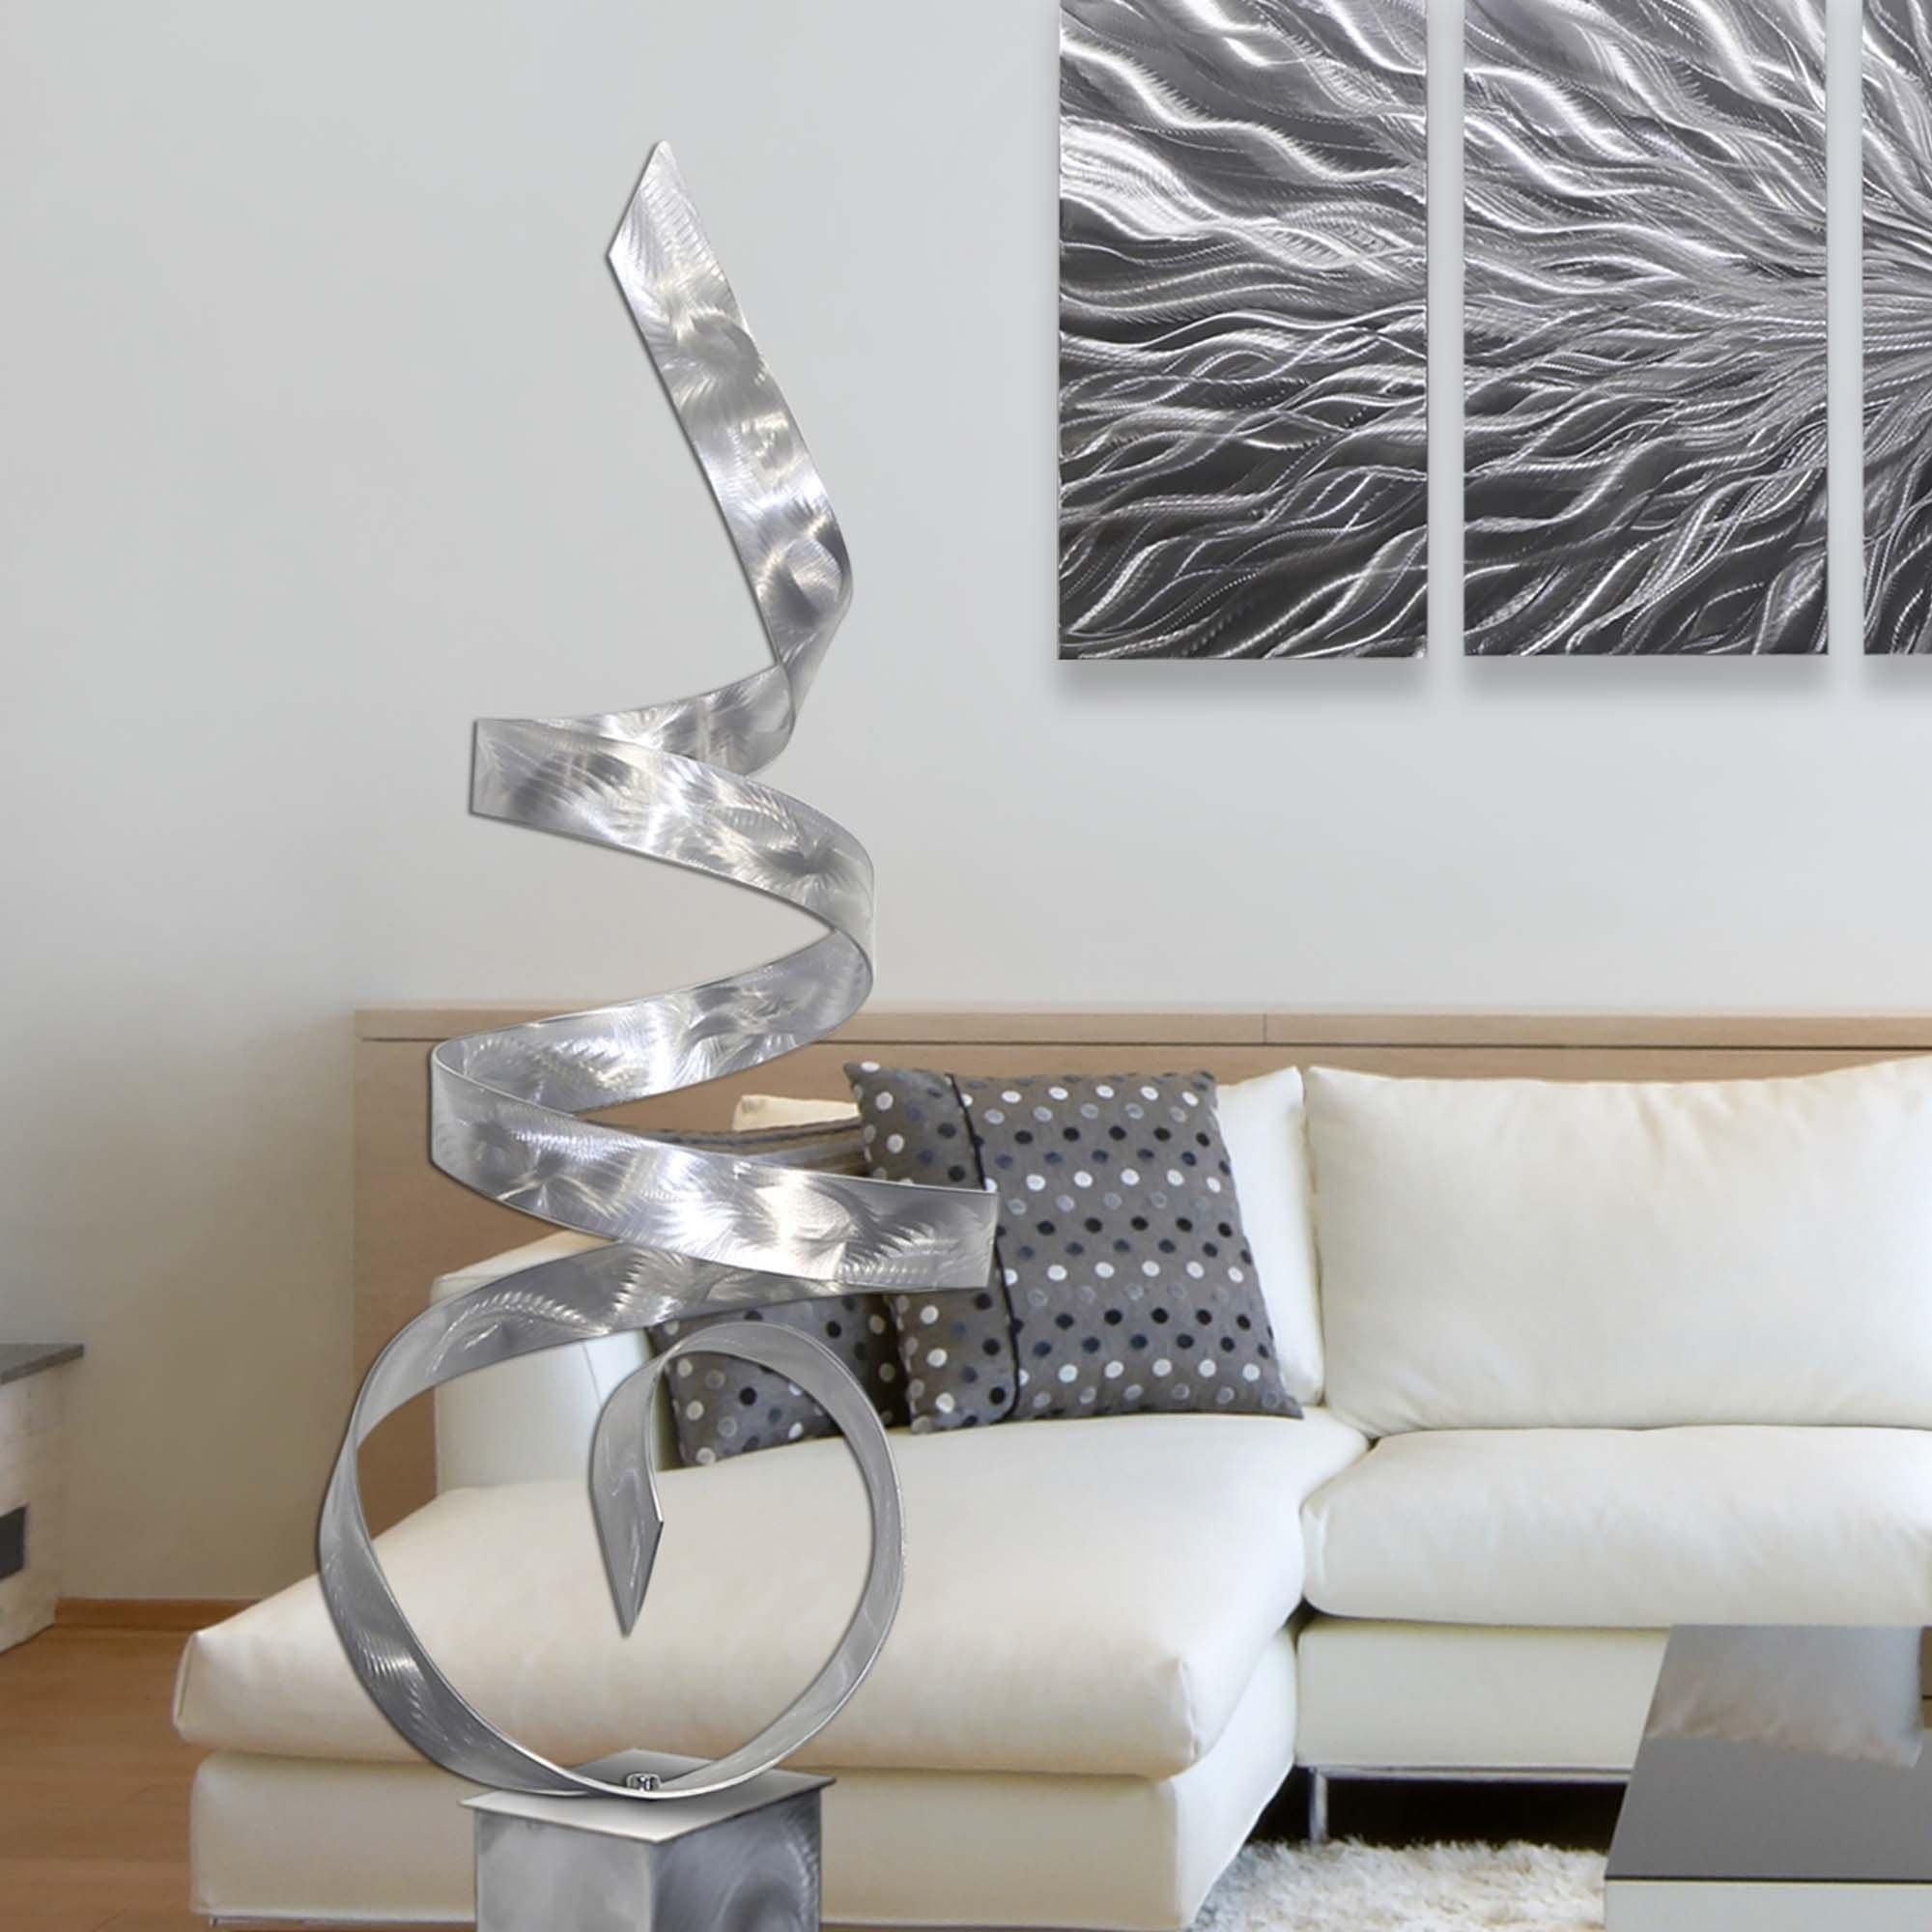 Abstract Set Of 3 Metal Wall Sculpture Home Garden Indoor Outdoor Decor Living